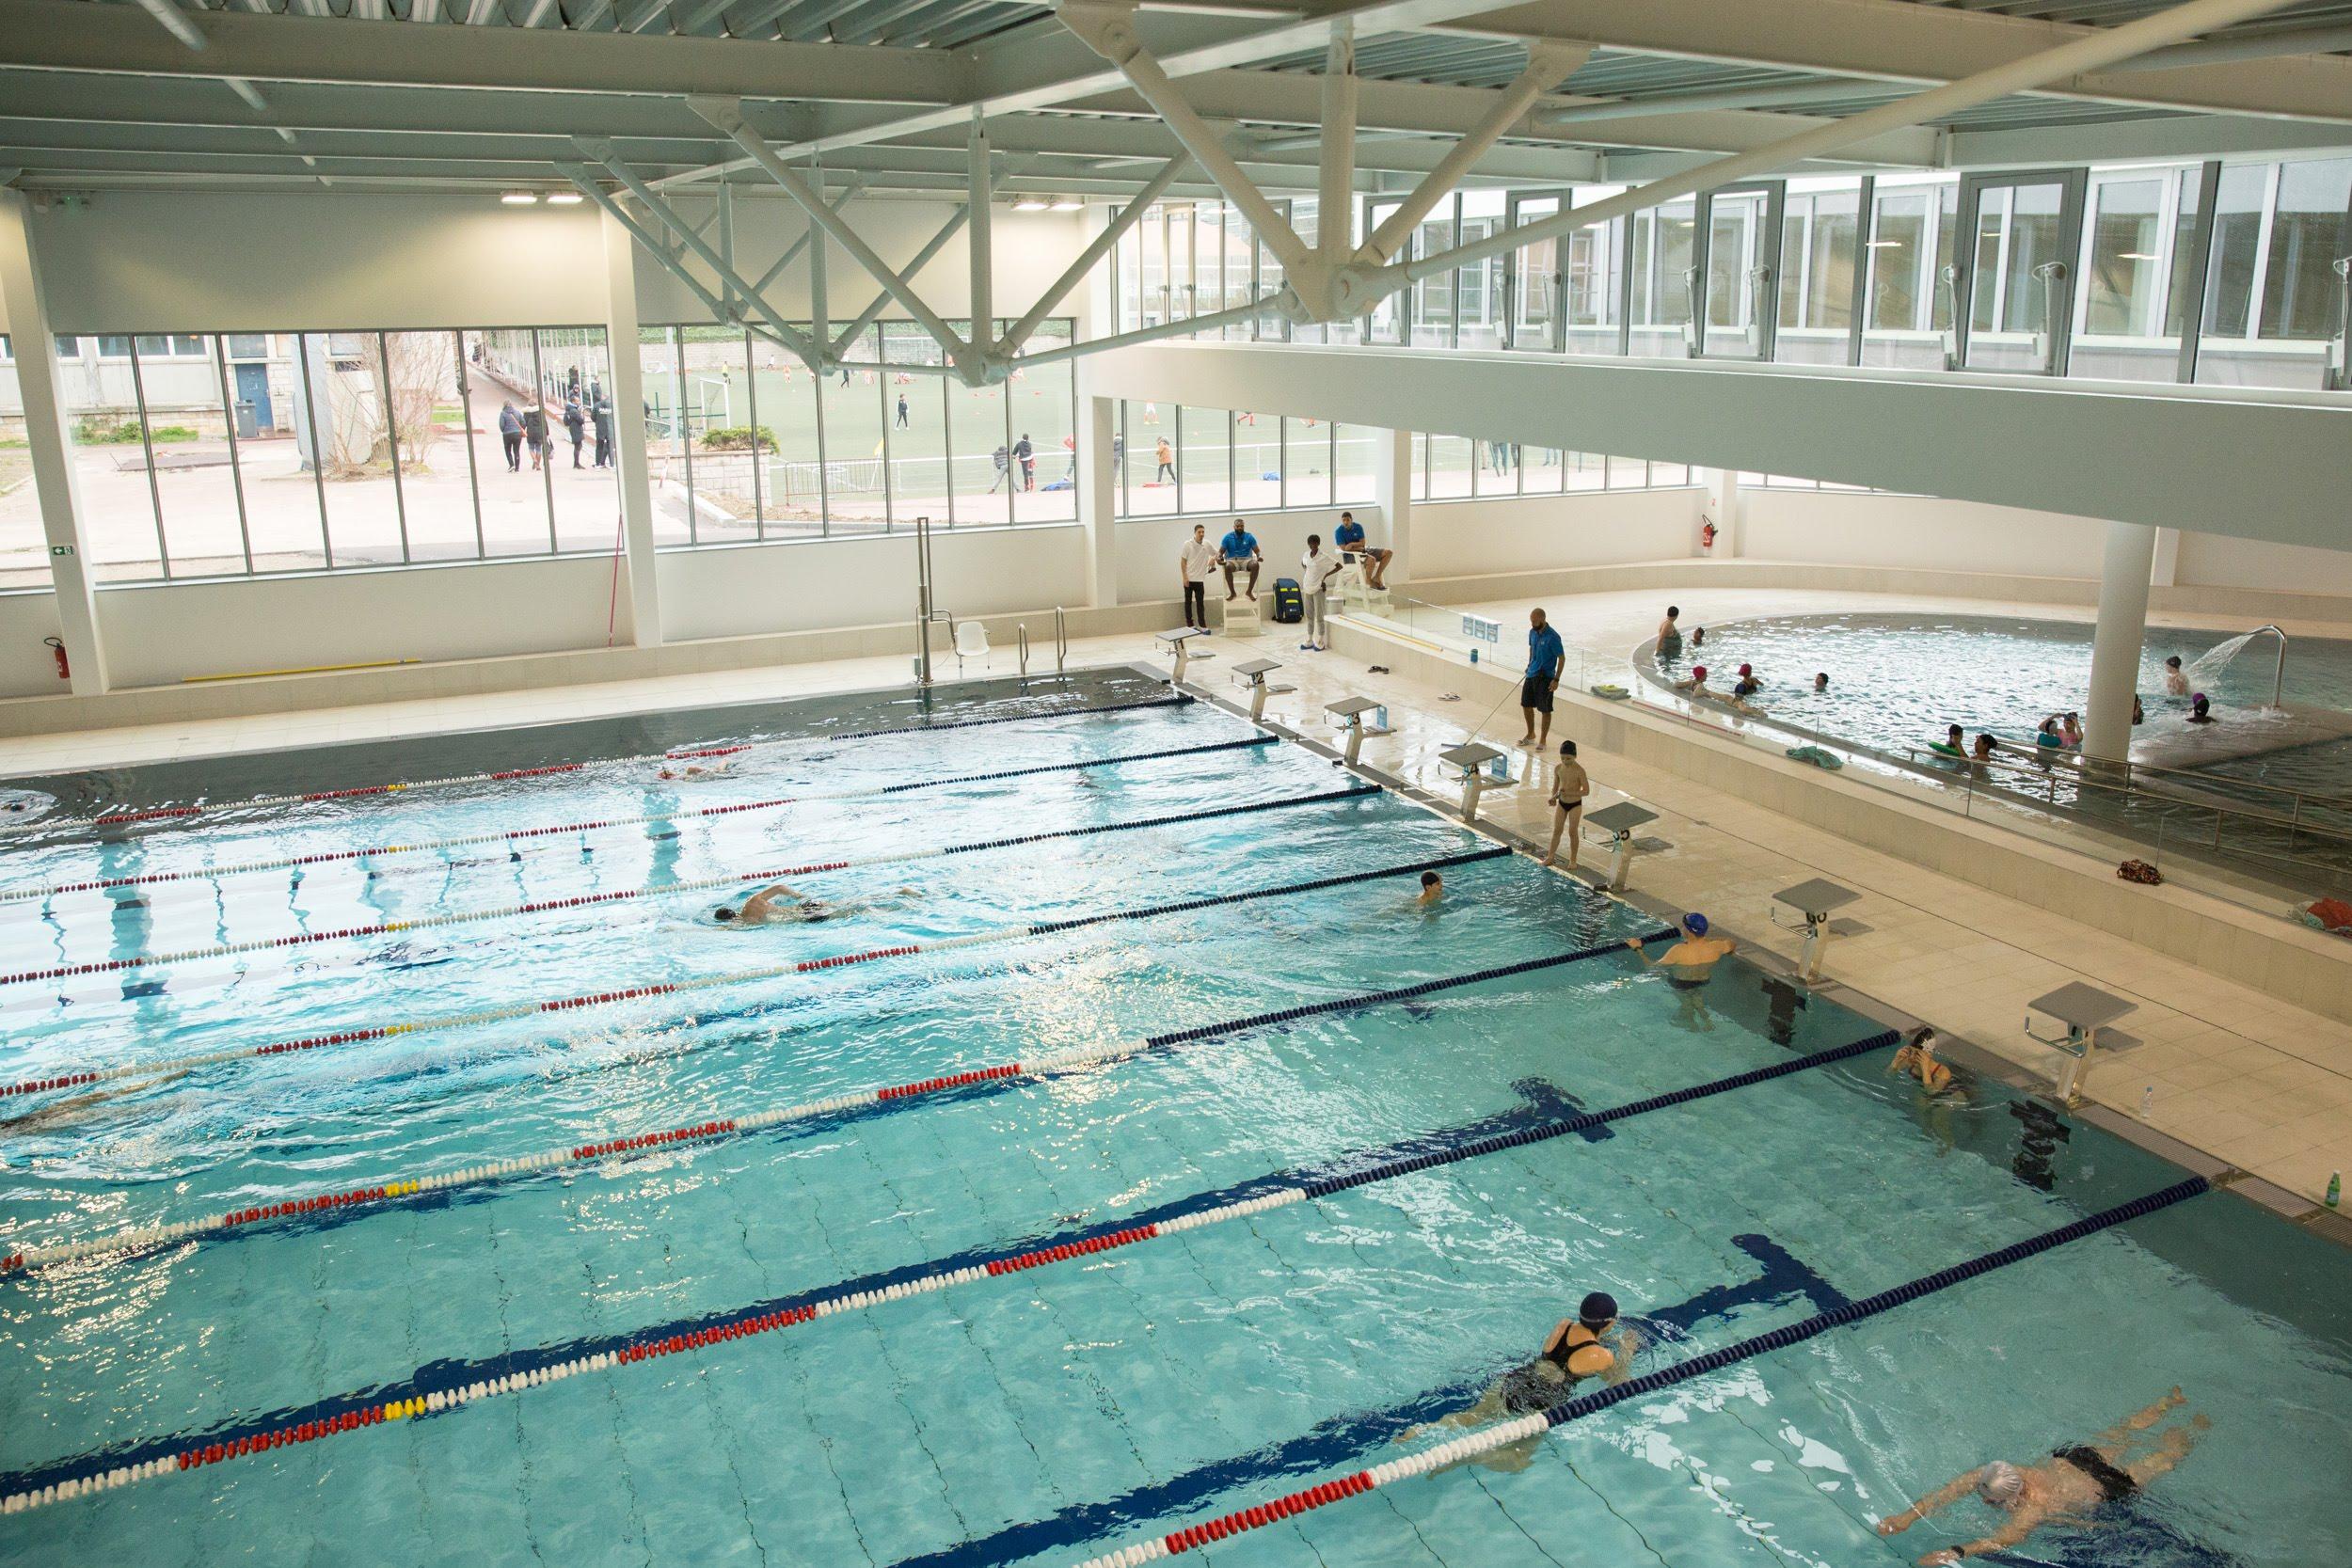 Piscine A Moins De 100 Euros la nouvelle piscine elisabeth ouvre au public - ville de paris